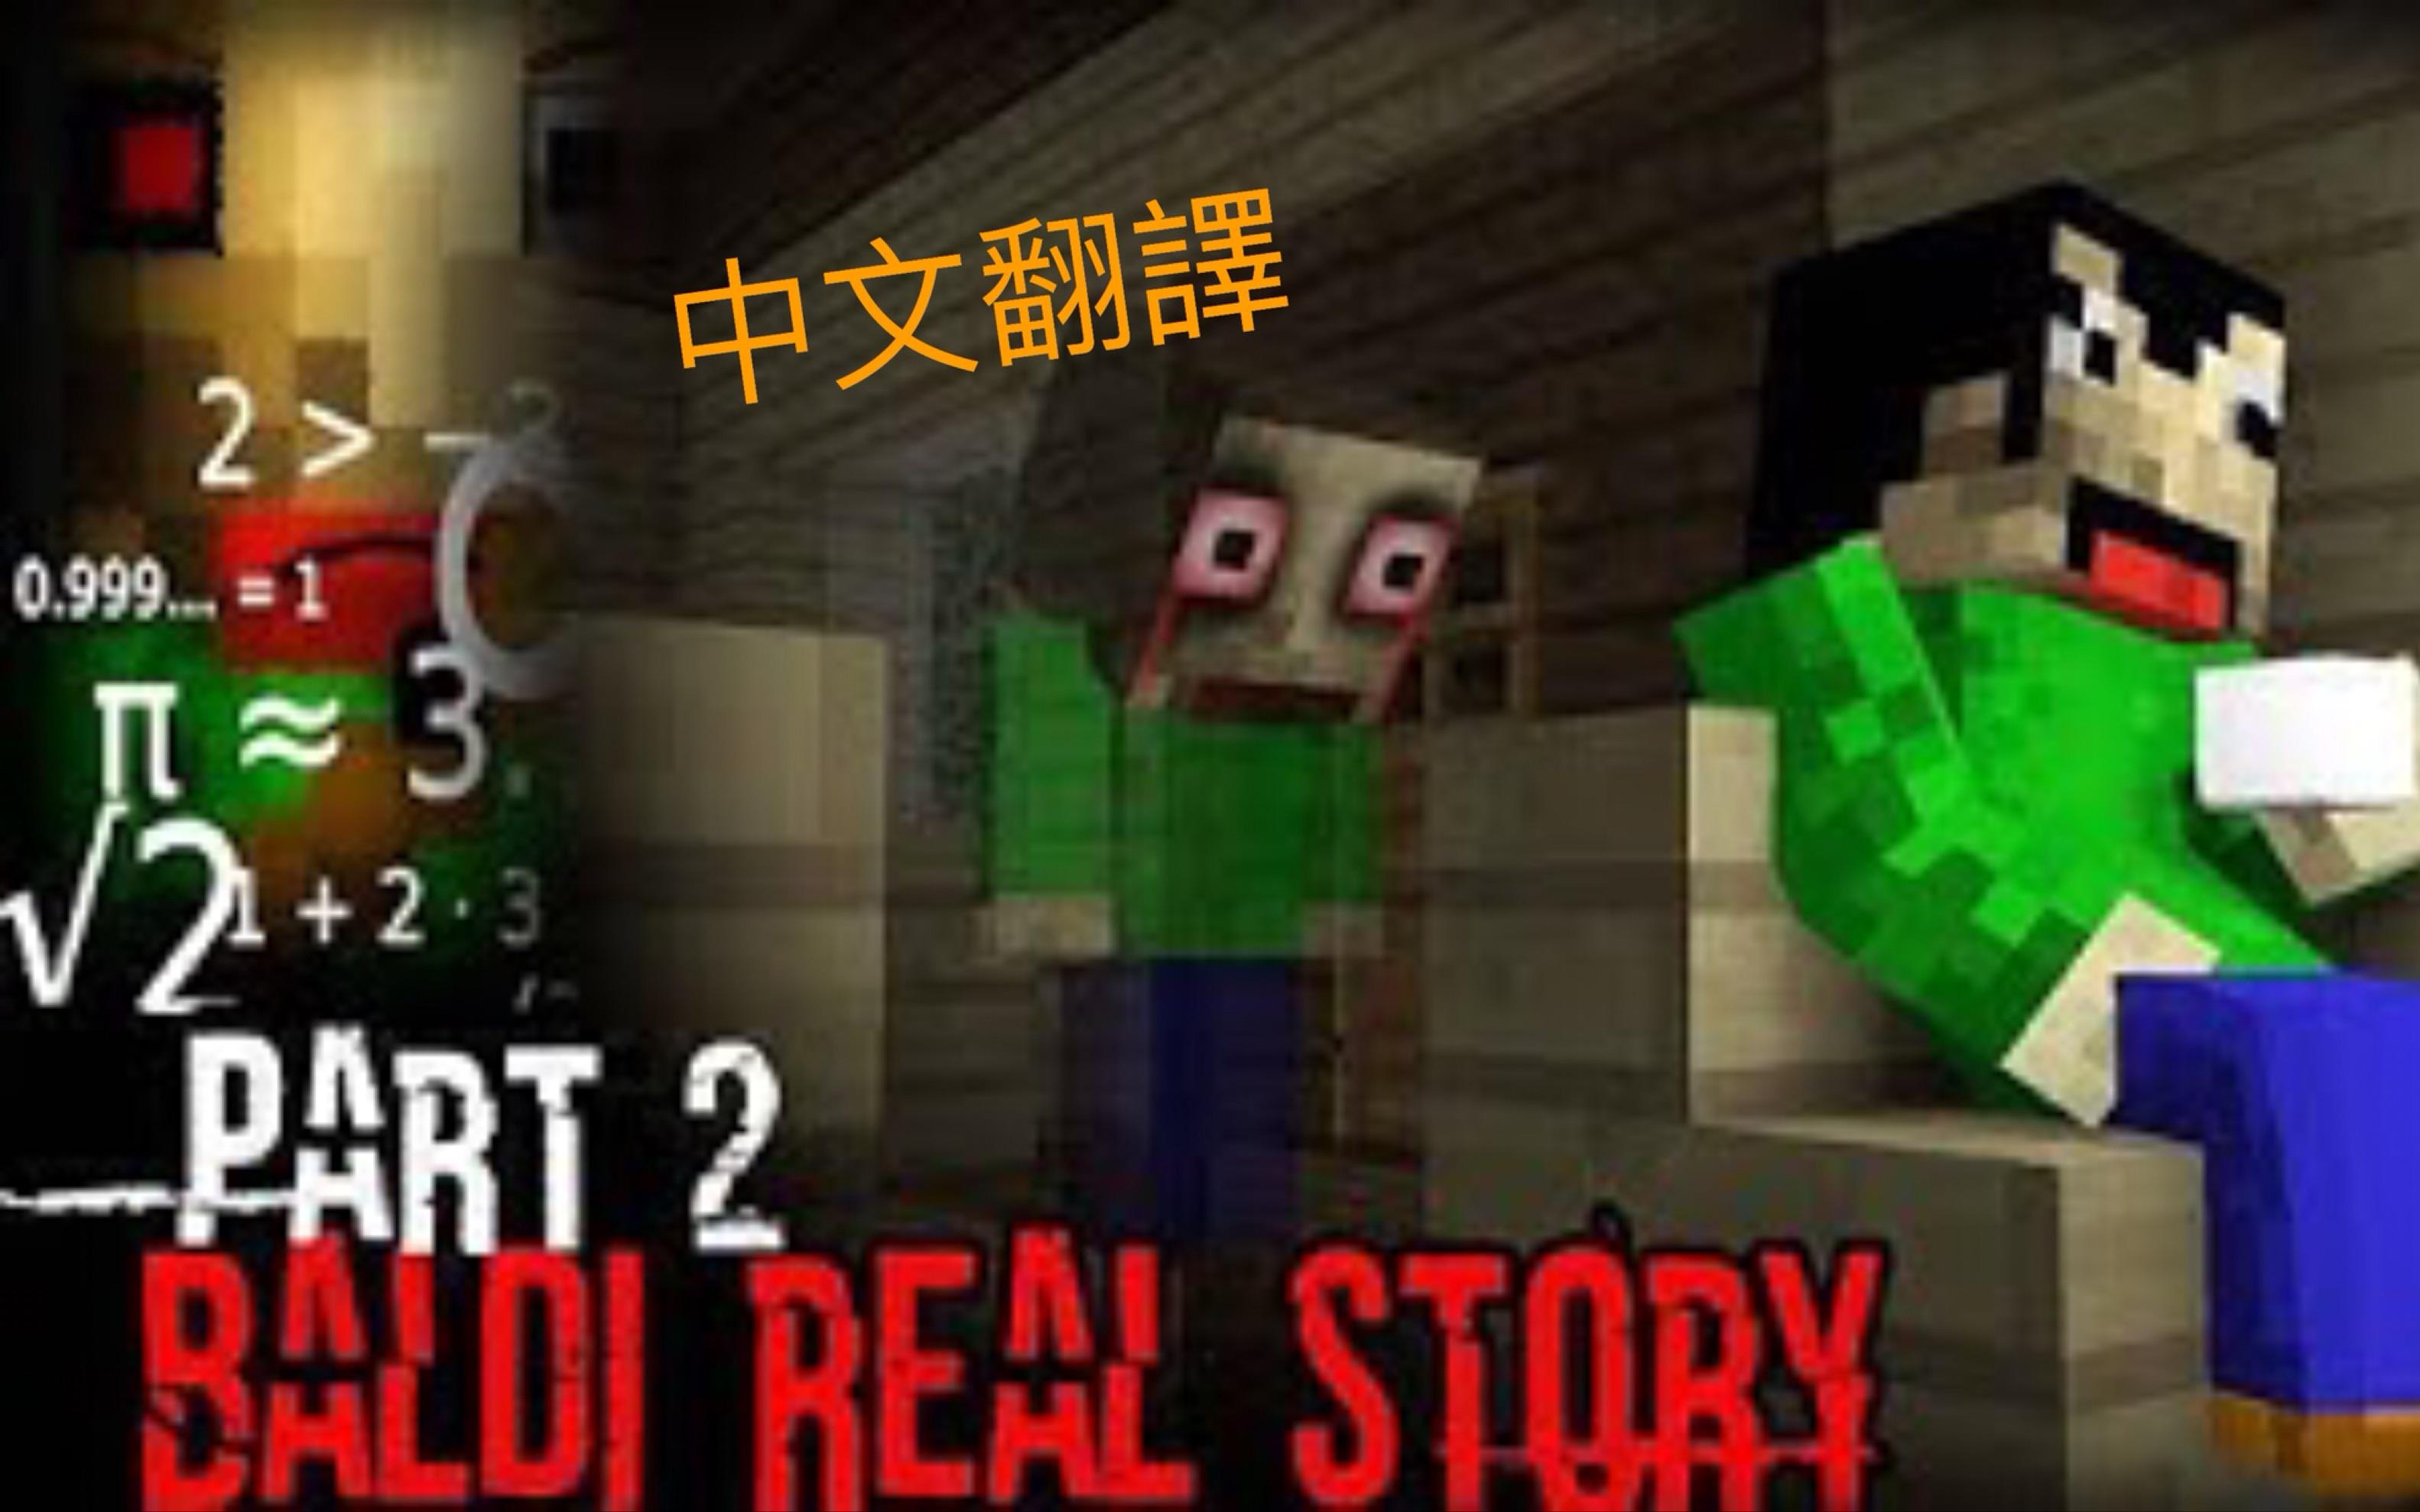 包迪的一生 第二集(真正的故事)-Minecraft 動畫(中文翻譯)_嗶哩嗶哩 (゜-゜)つロ 干杯~-bilibili